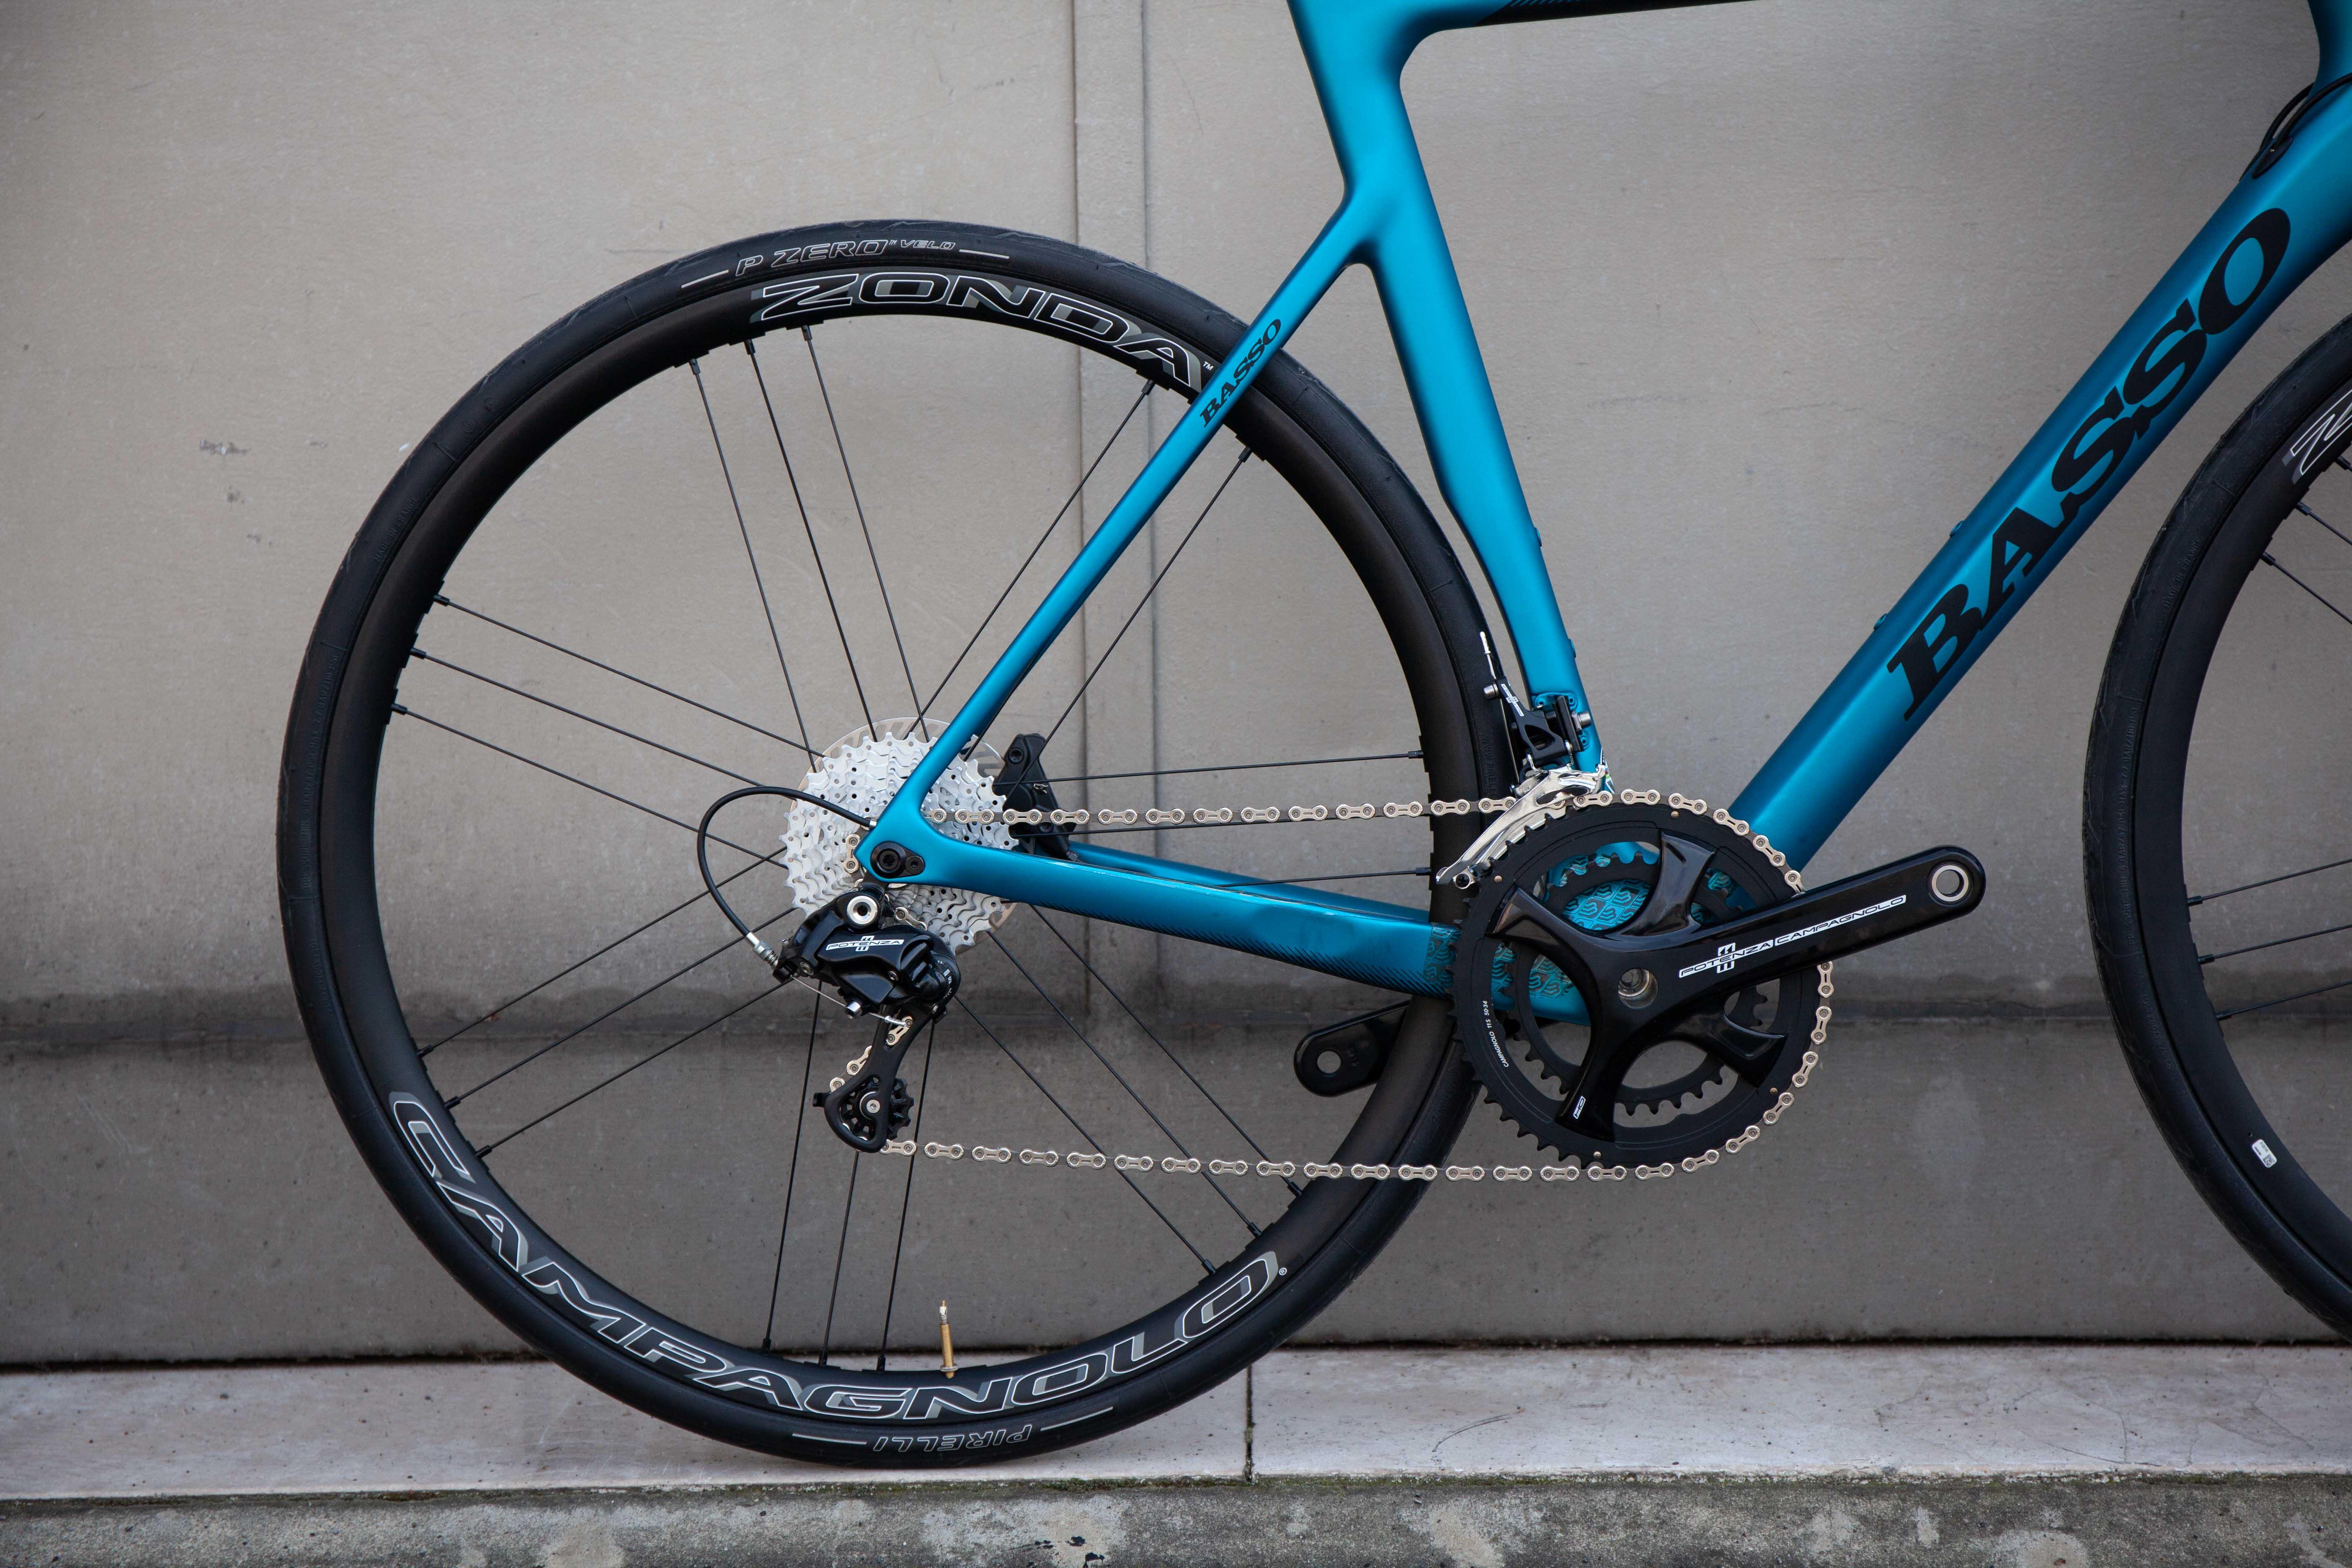 Cicli Corsa Basso Astra 56 Potenza Zonda -4